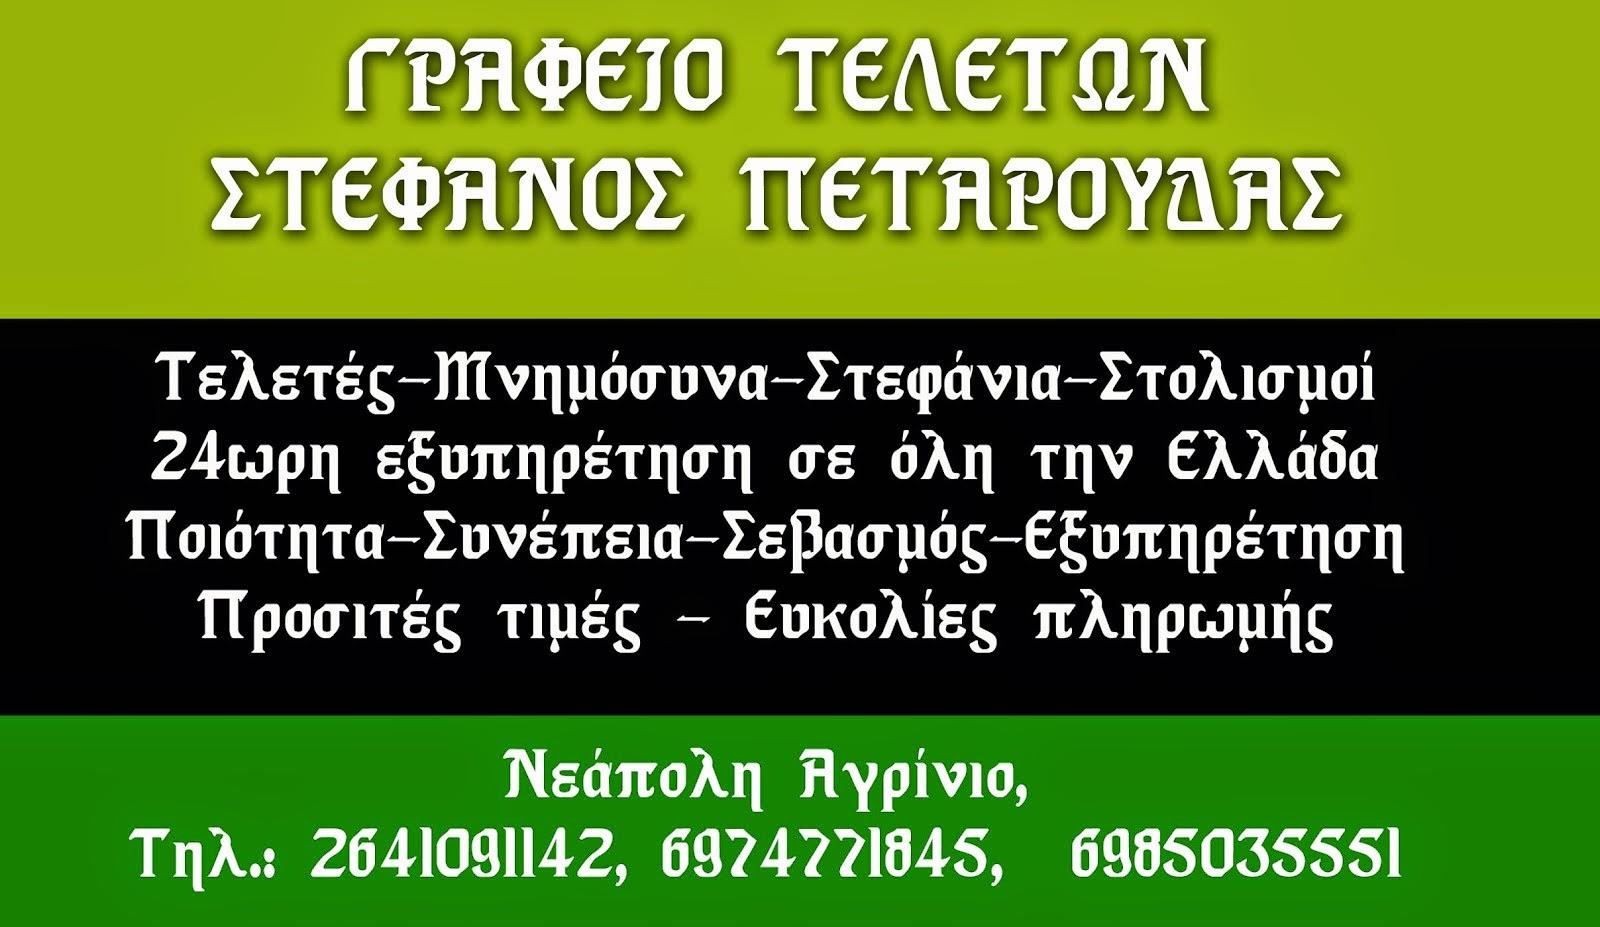 ΣΤΕΦΑΝΟΣ ΠΕΤΑΡΟΥΔΑΣ